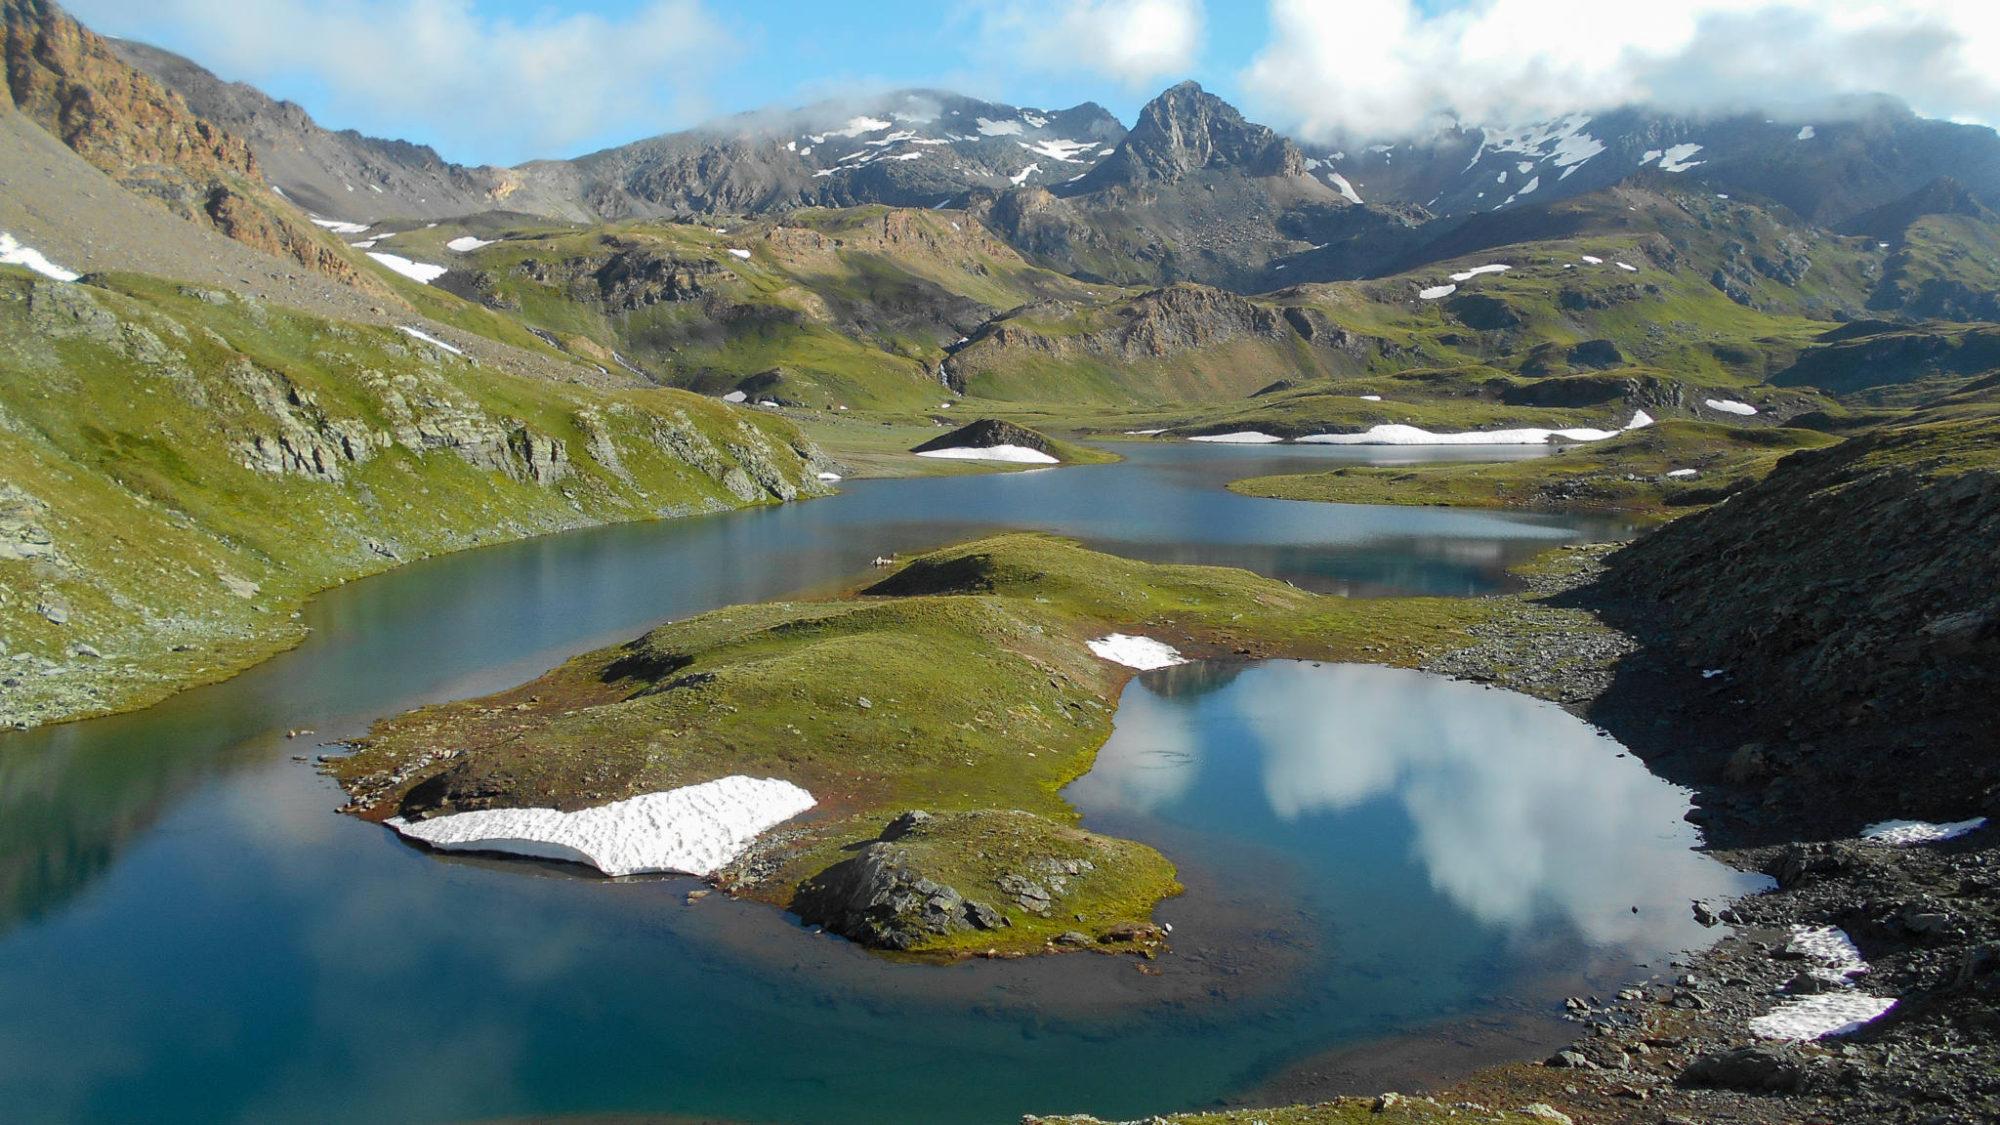 Le lac Rosset, massif du Grand Paradis